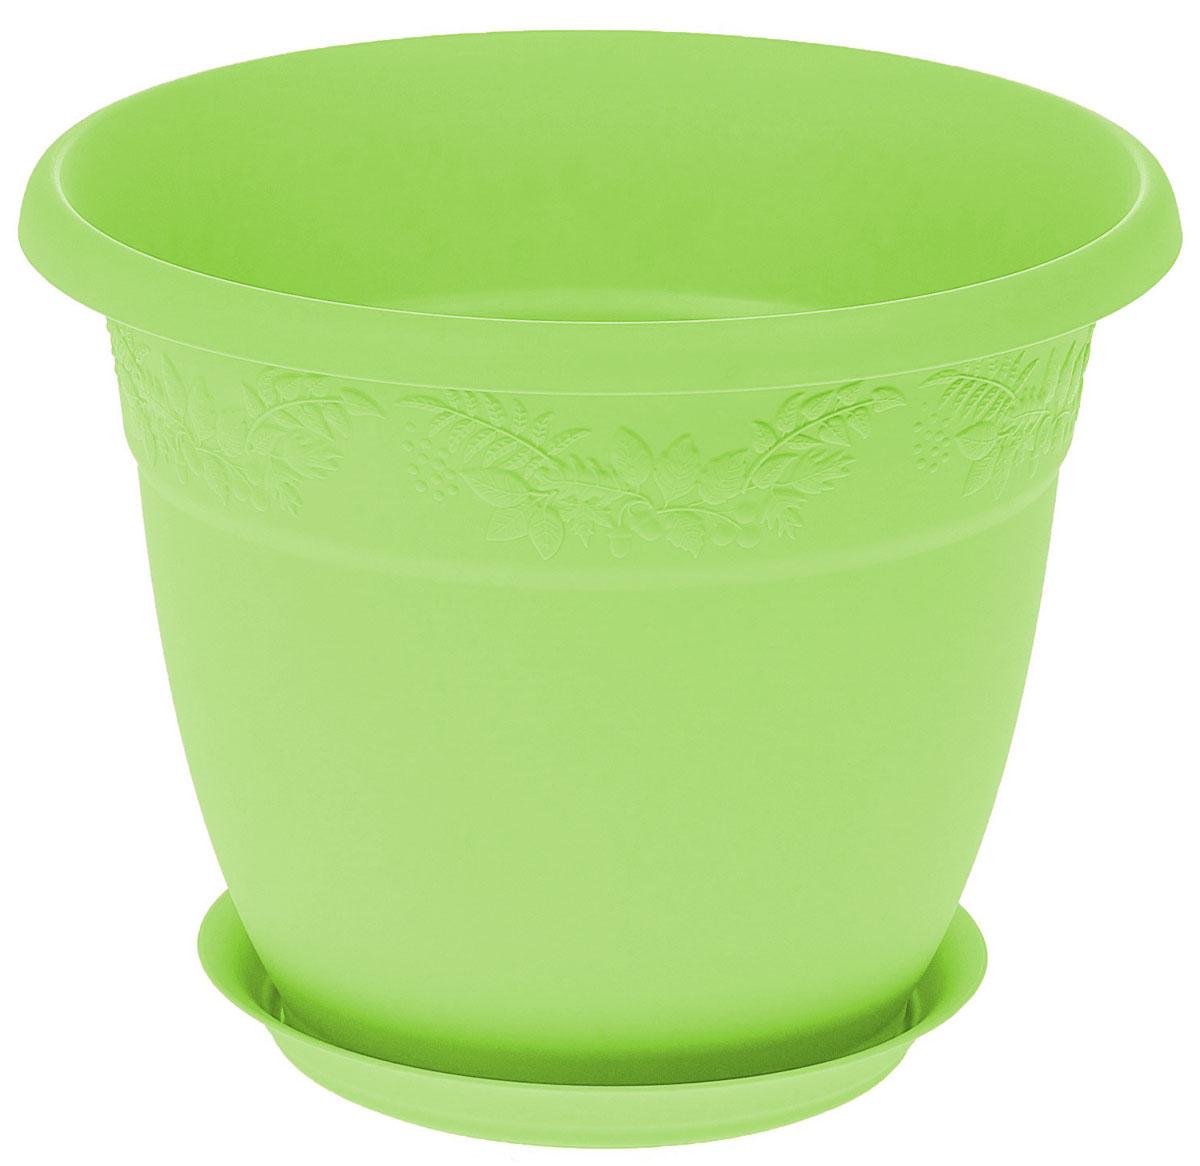 Кашпо Idea Рябина, с поддоном, цвет: мята, 3,6 лМ 3055Кашпо Idea Рябина изготовлено из высококачественного полипропилена (пластика). Специальный поддон предназначен для стока воды. Изделие прекрасно подходит для выращивания растений и цветов в домашних условиях. Лаконичный дизайн впишется в интерьер любого помещения. Диаметр поддона: 15 см. Объем кашпо: 3,6 л.Диаметр кашпо по верхнему краю: 22 см.Высота кашпо: 17,5 см.